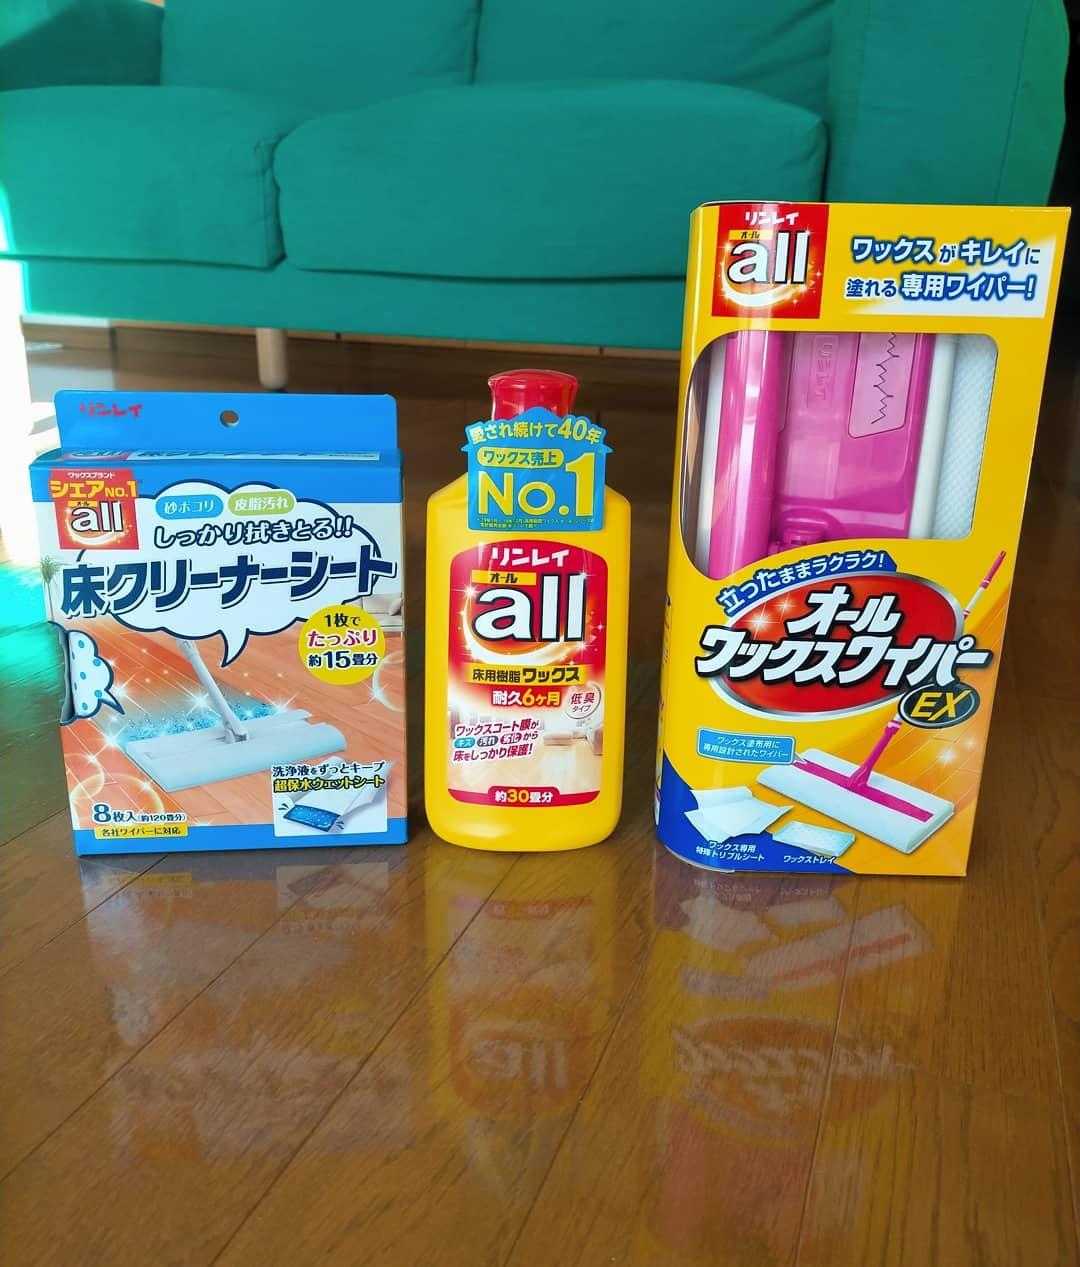 口コミ投稿:今日は大掃除~😬😬😬朝からカーテンを洗って、ベランダ、玄関、窓を高圧洗浄機かけて床…